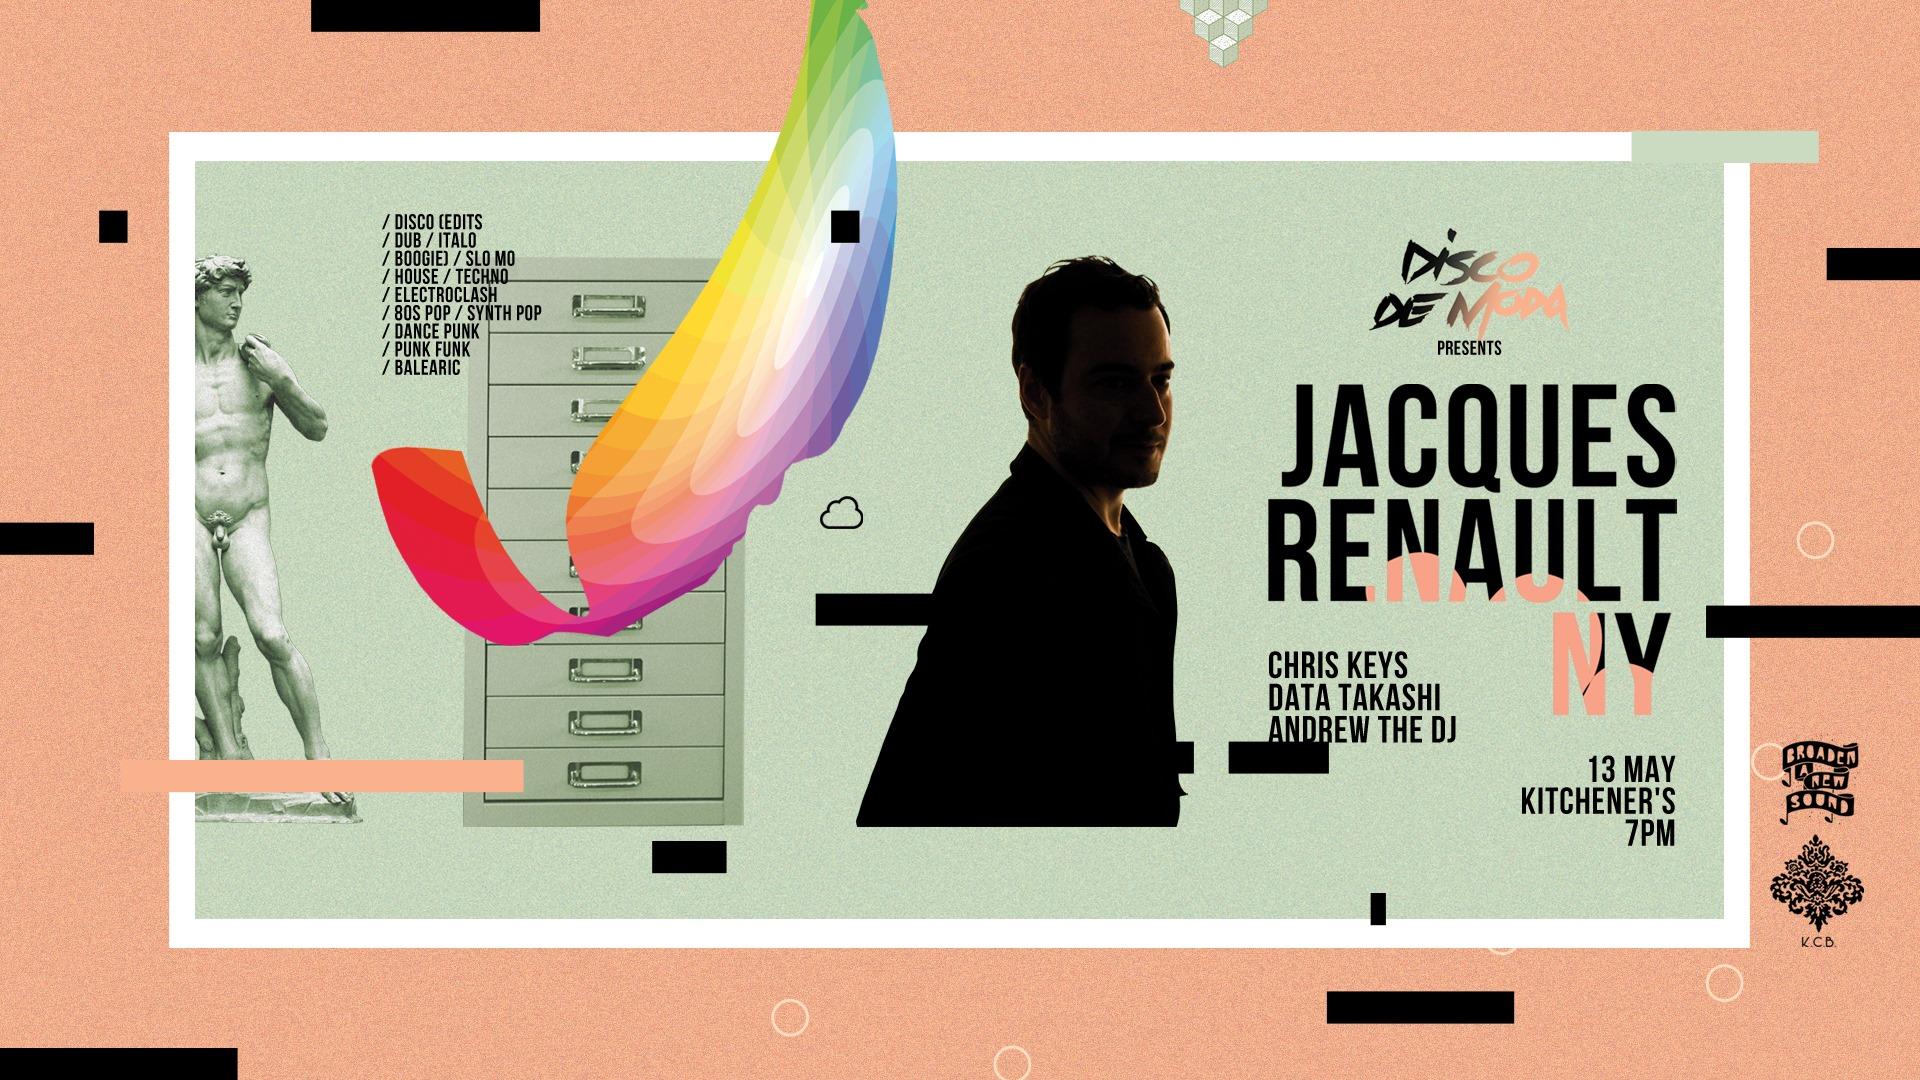 Disco De Moda: Jacques Renault (New York) - The Fuss